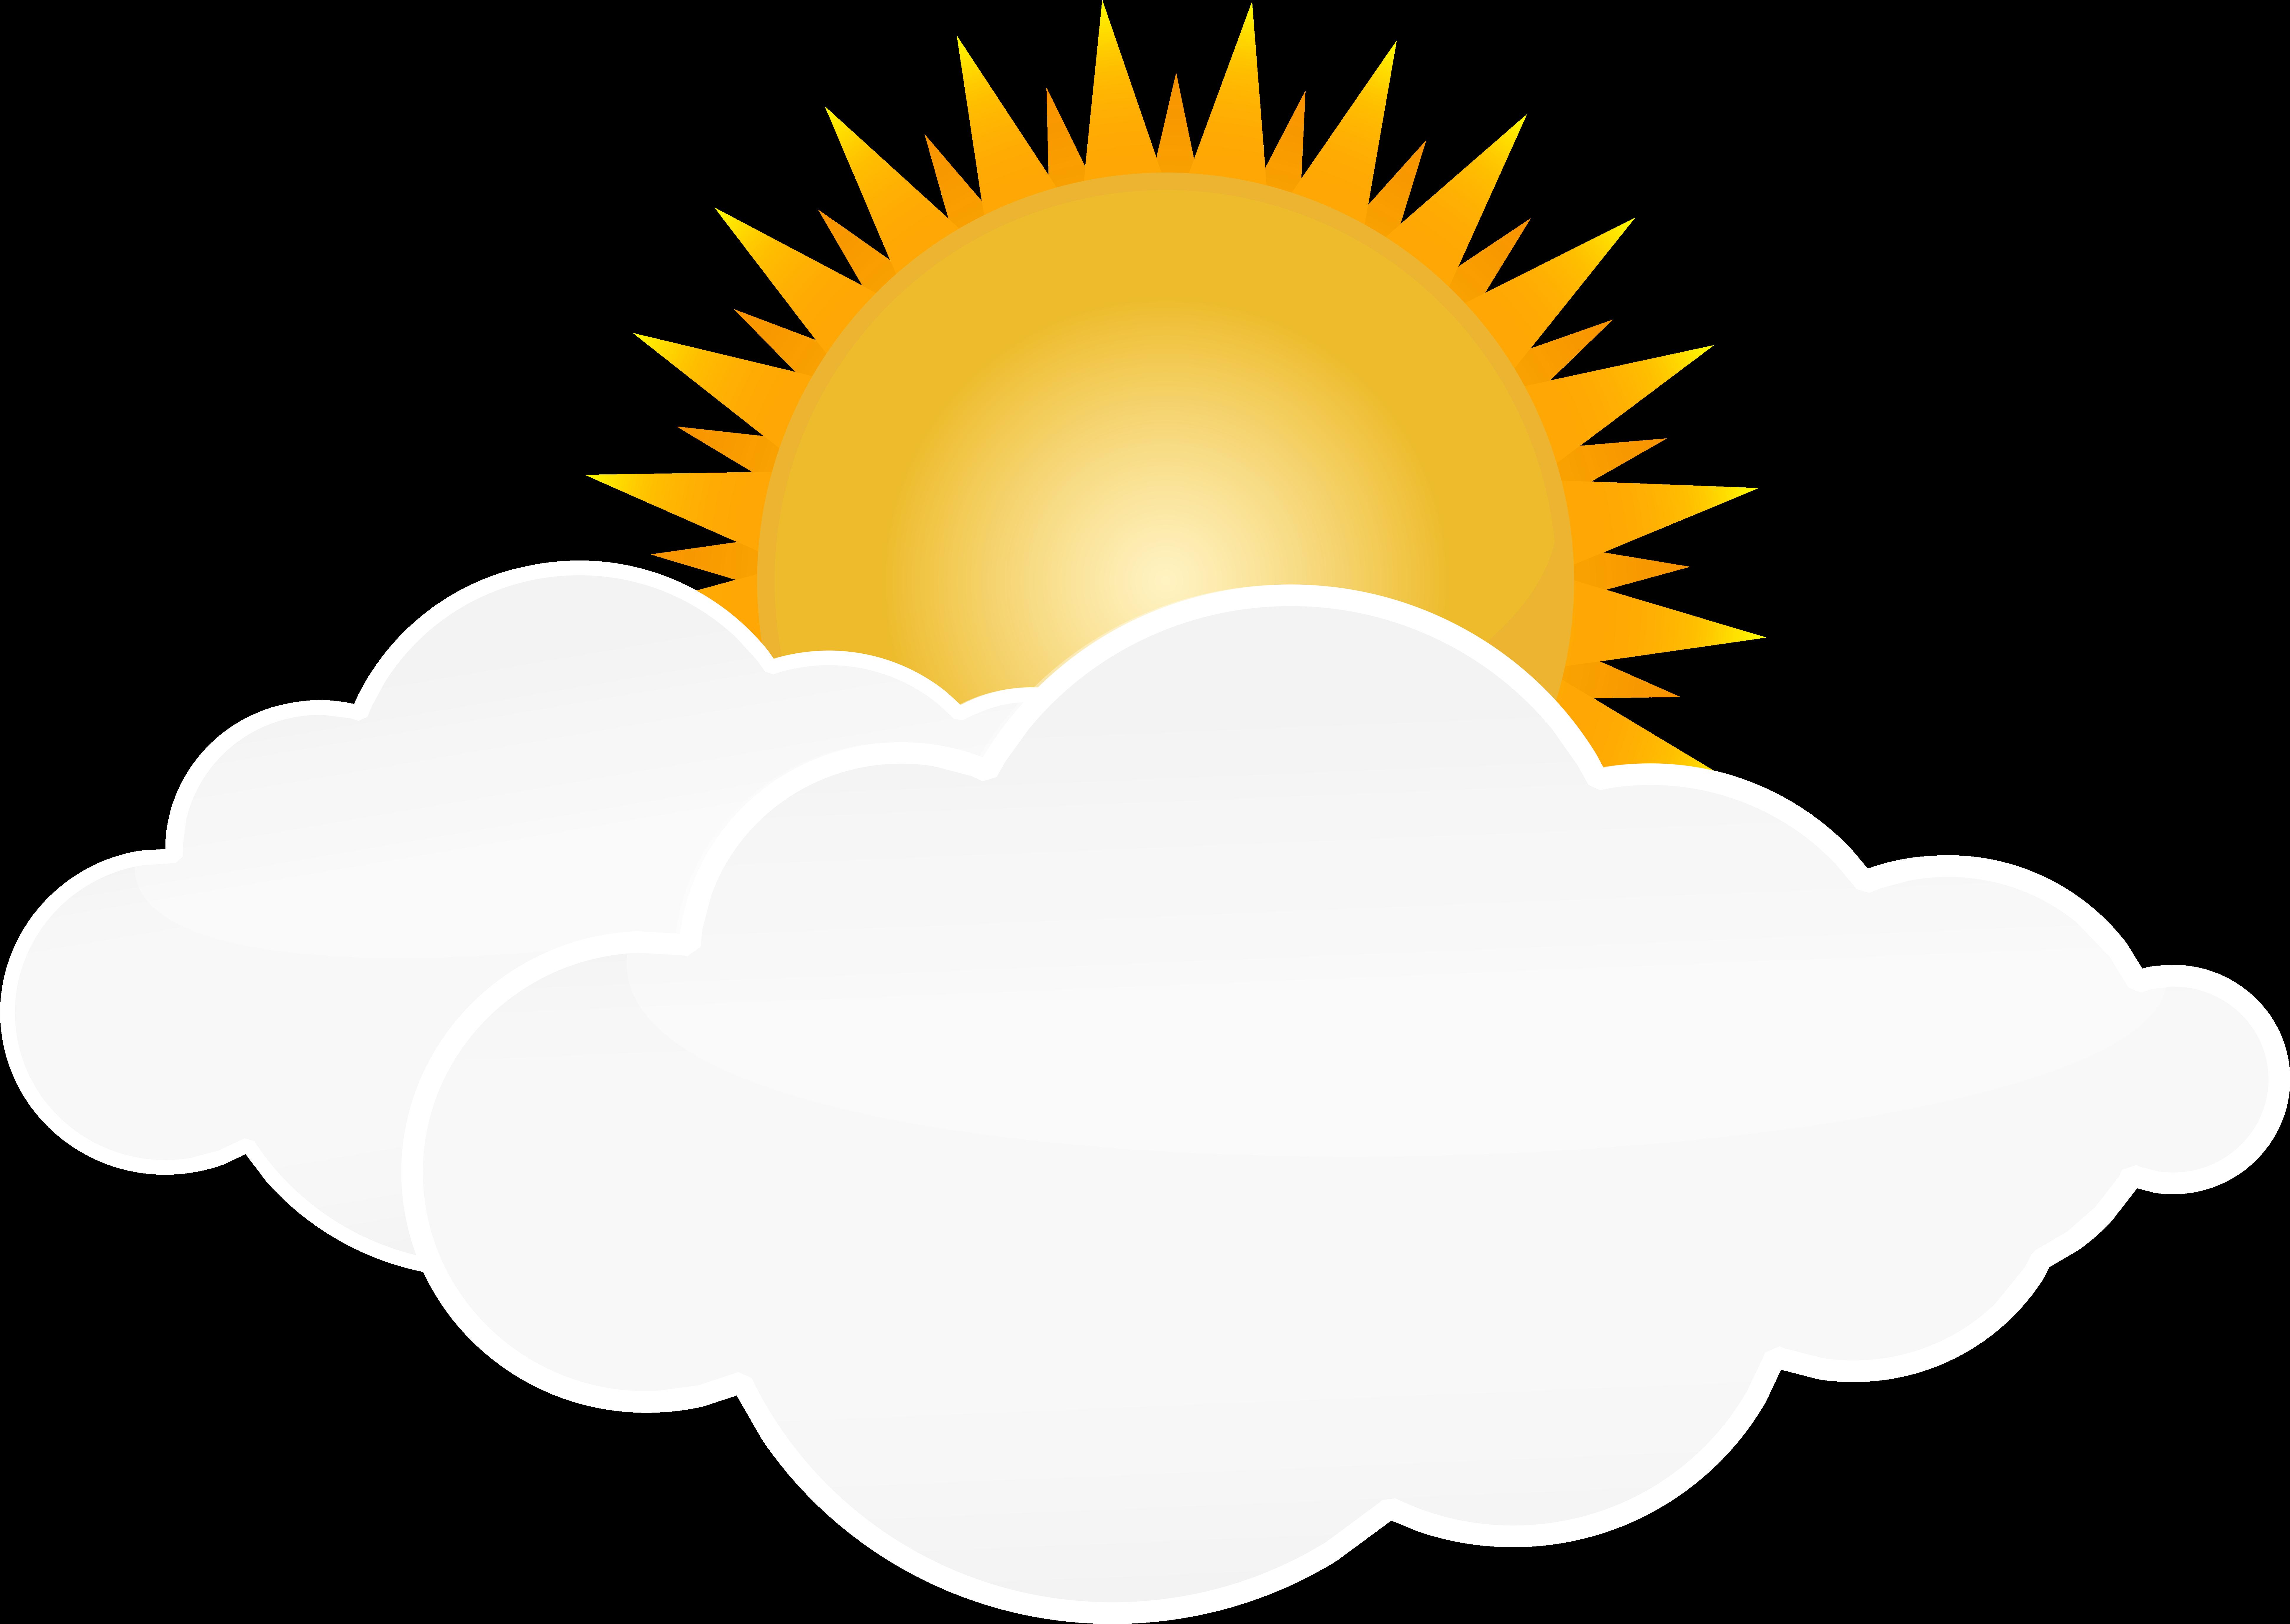 солнышко облака картинки на прозрачном фоне